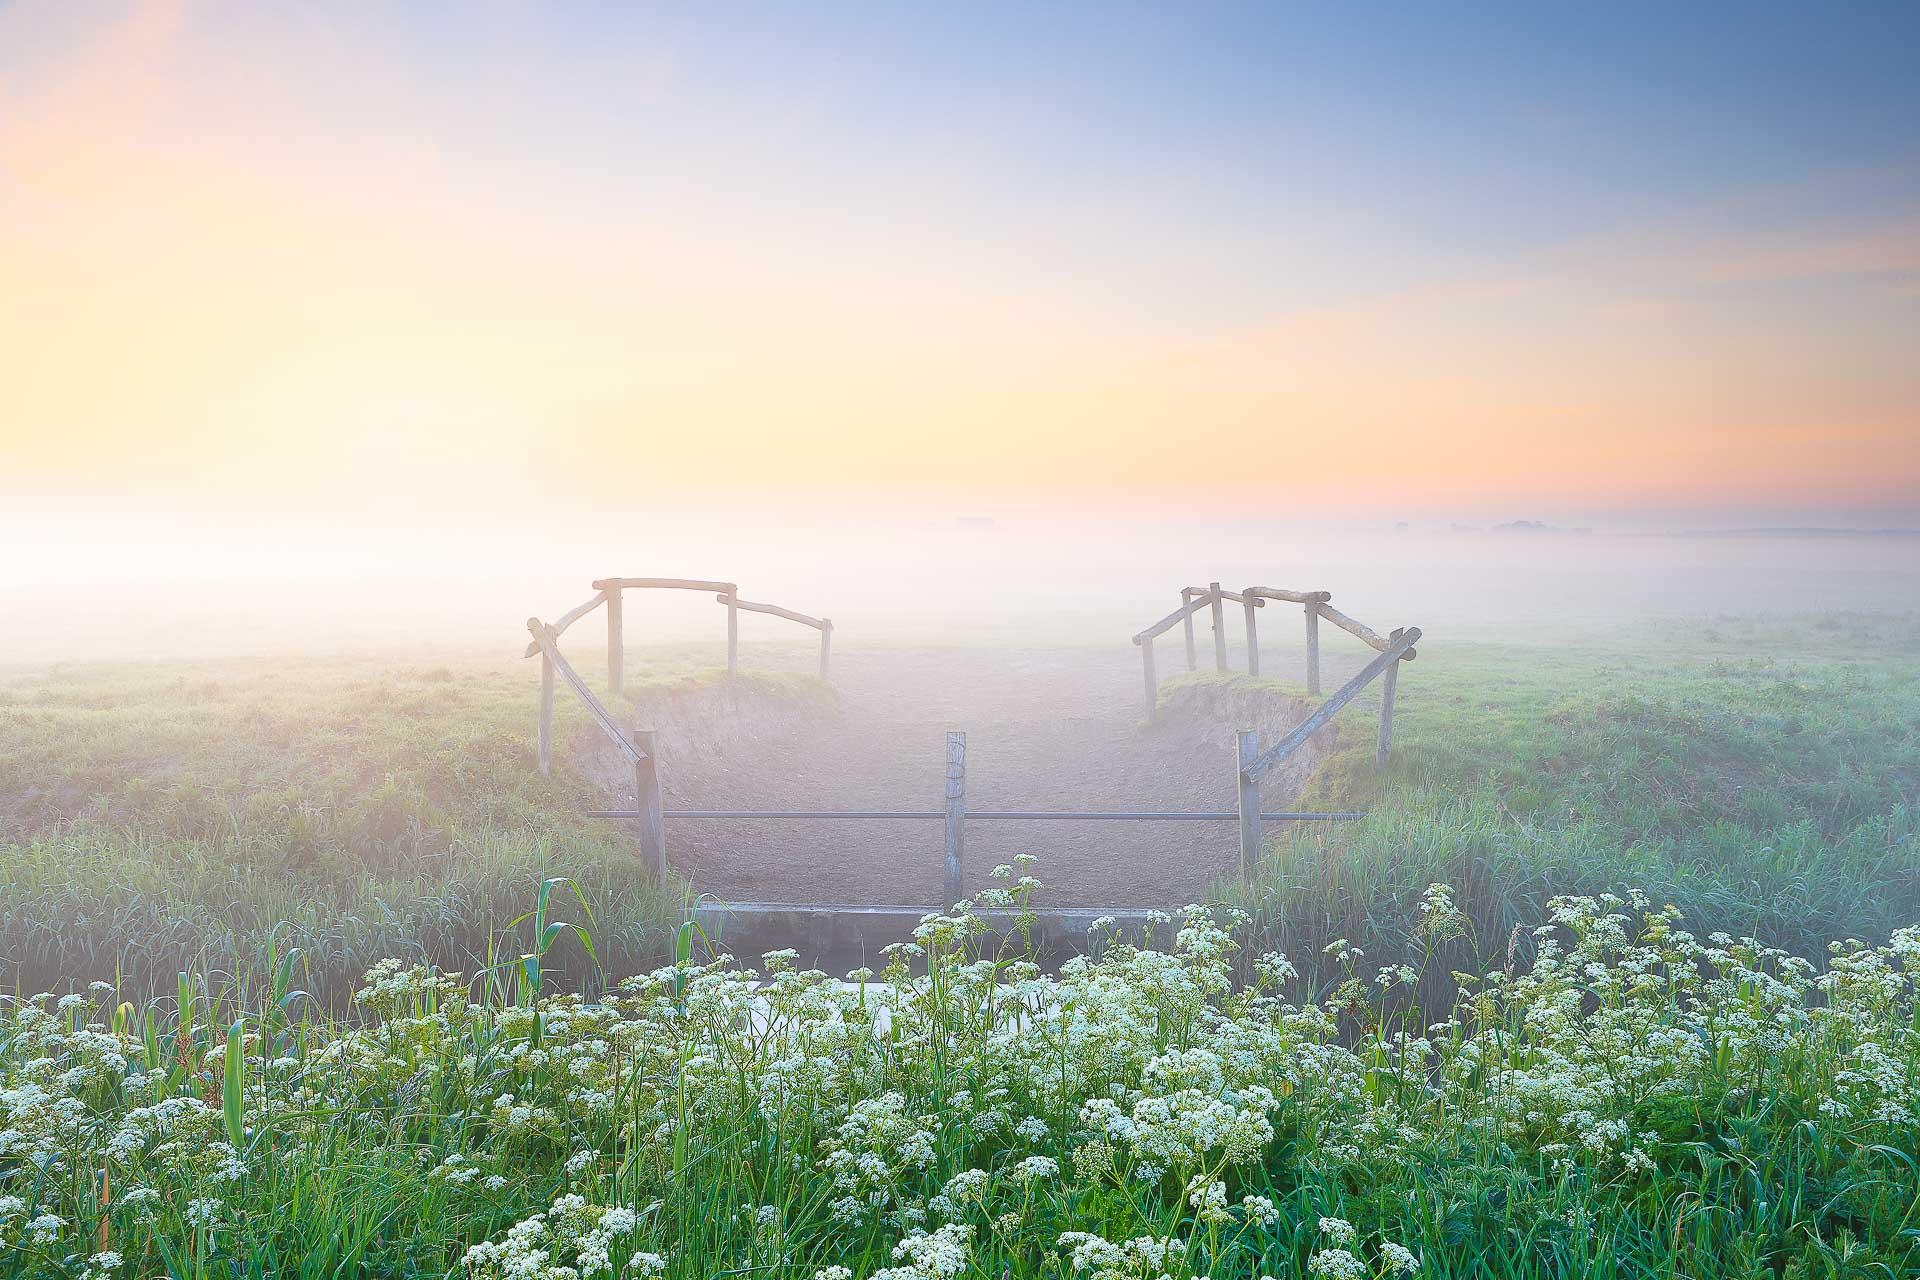 Een mistige ochtend in mei met grondmist boven de weilanden